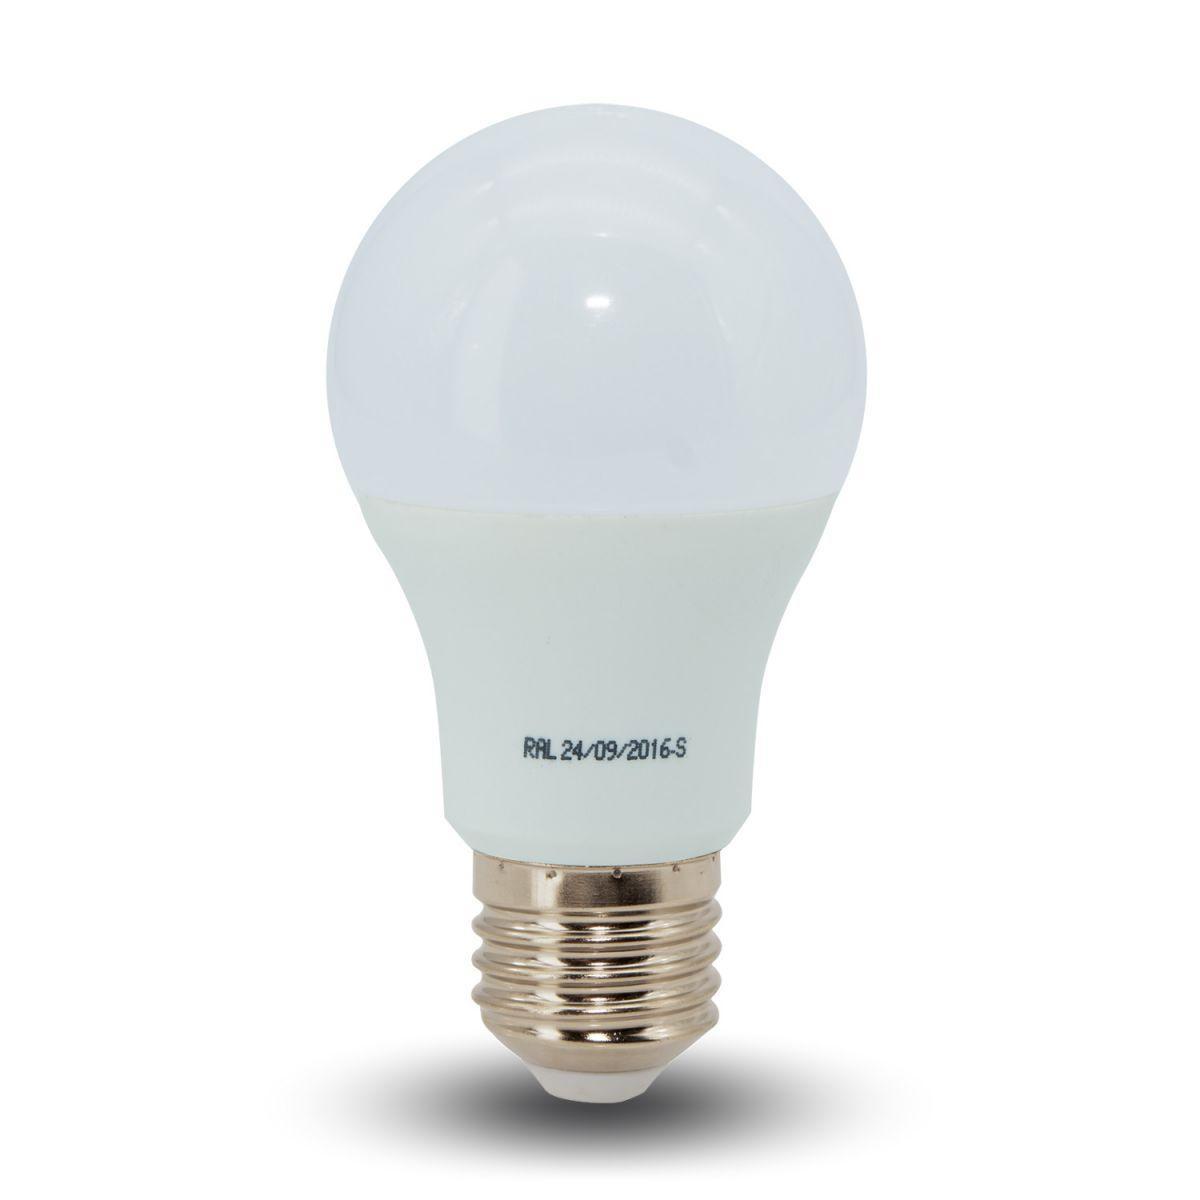 Đèn LED A55N4/3W (S) tiết kiệm điện năng hiệu quả